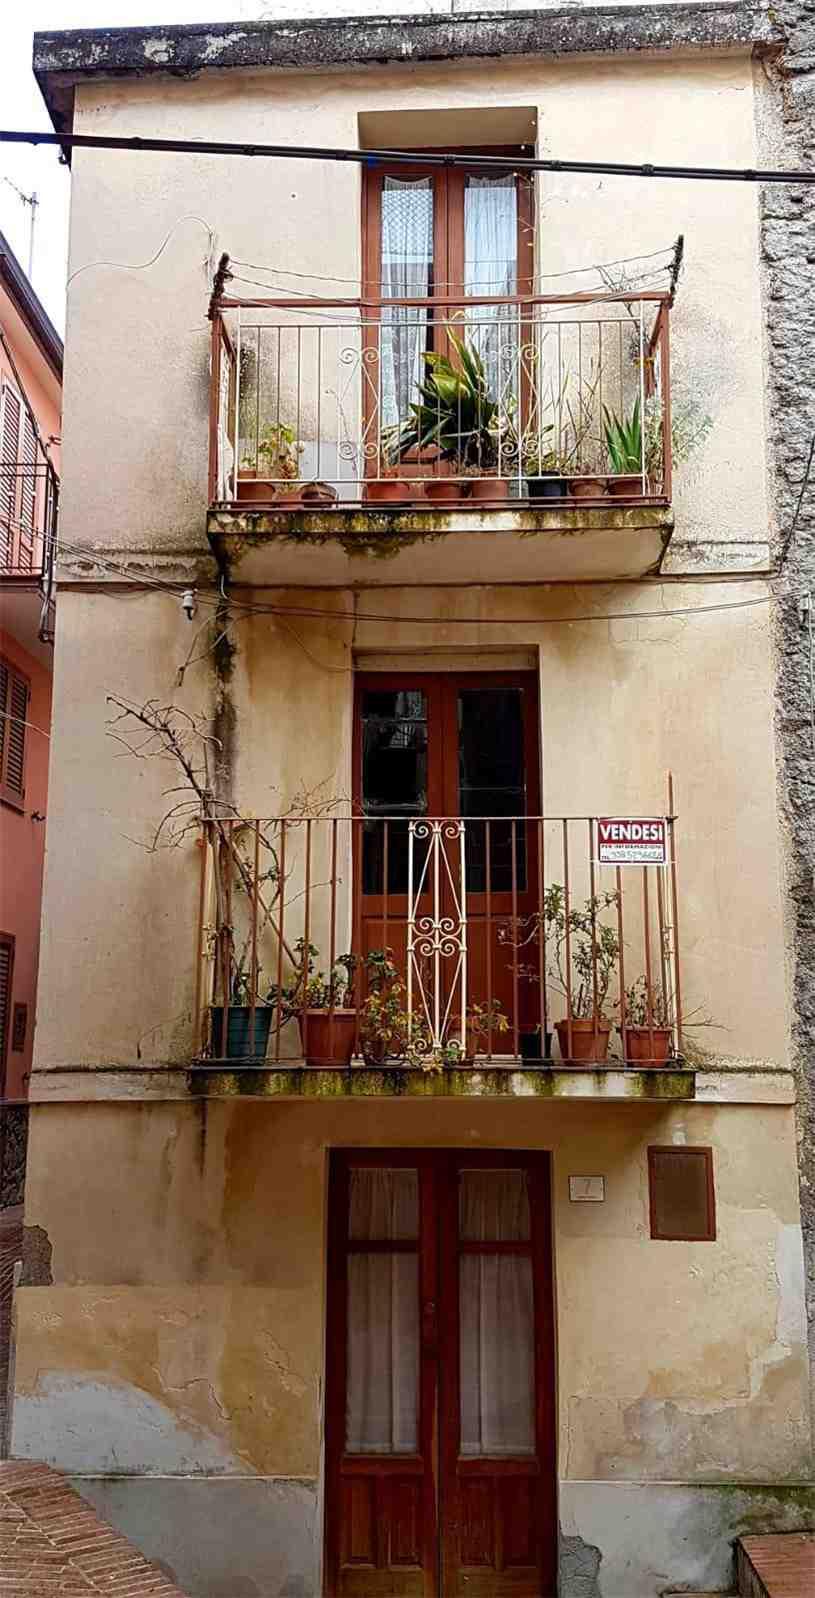 Verkauf Villa/Einzelhaus San Salvatore di Fitalia  #32FC n.6